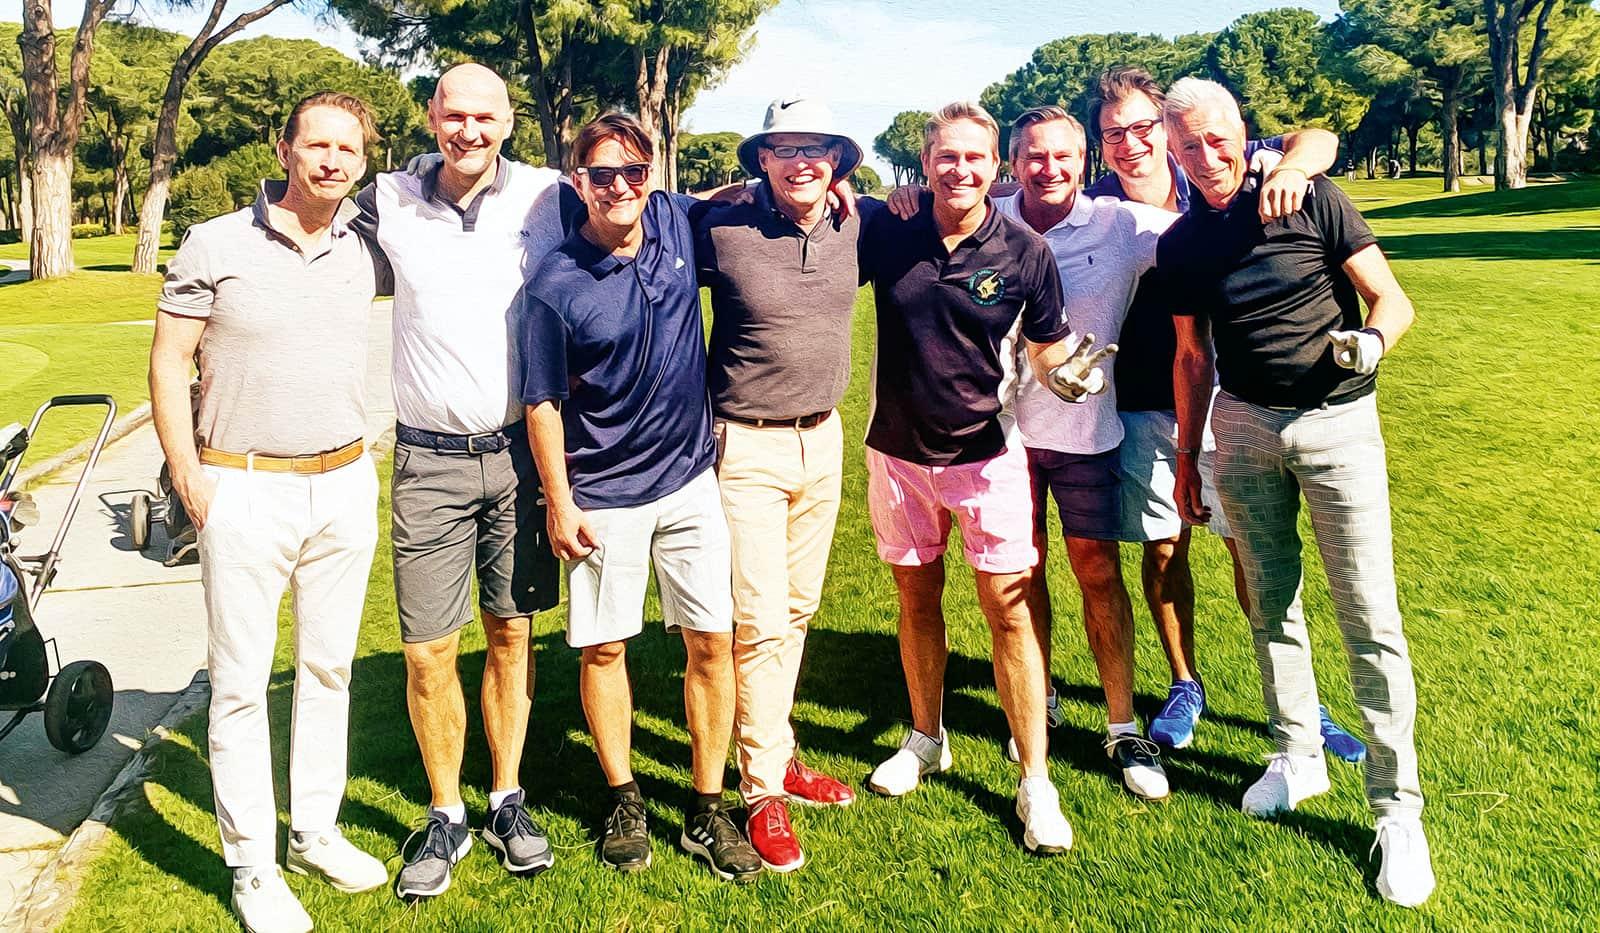 Hinnerk und seine Golfmannschaft